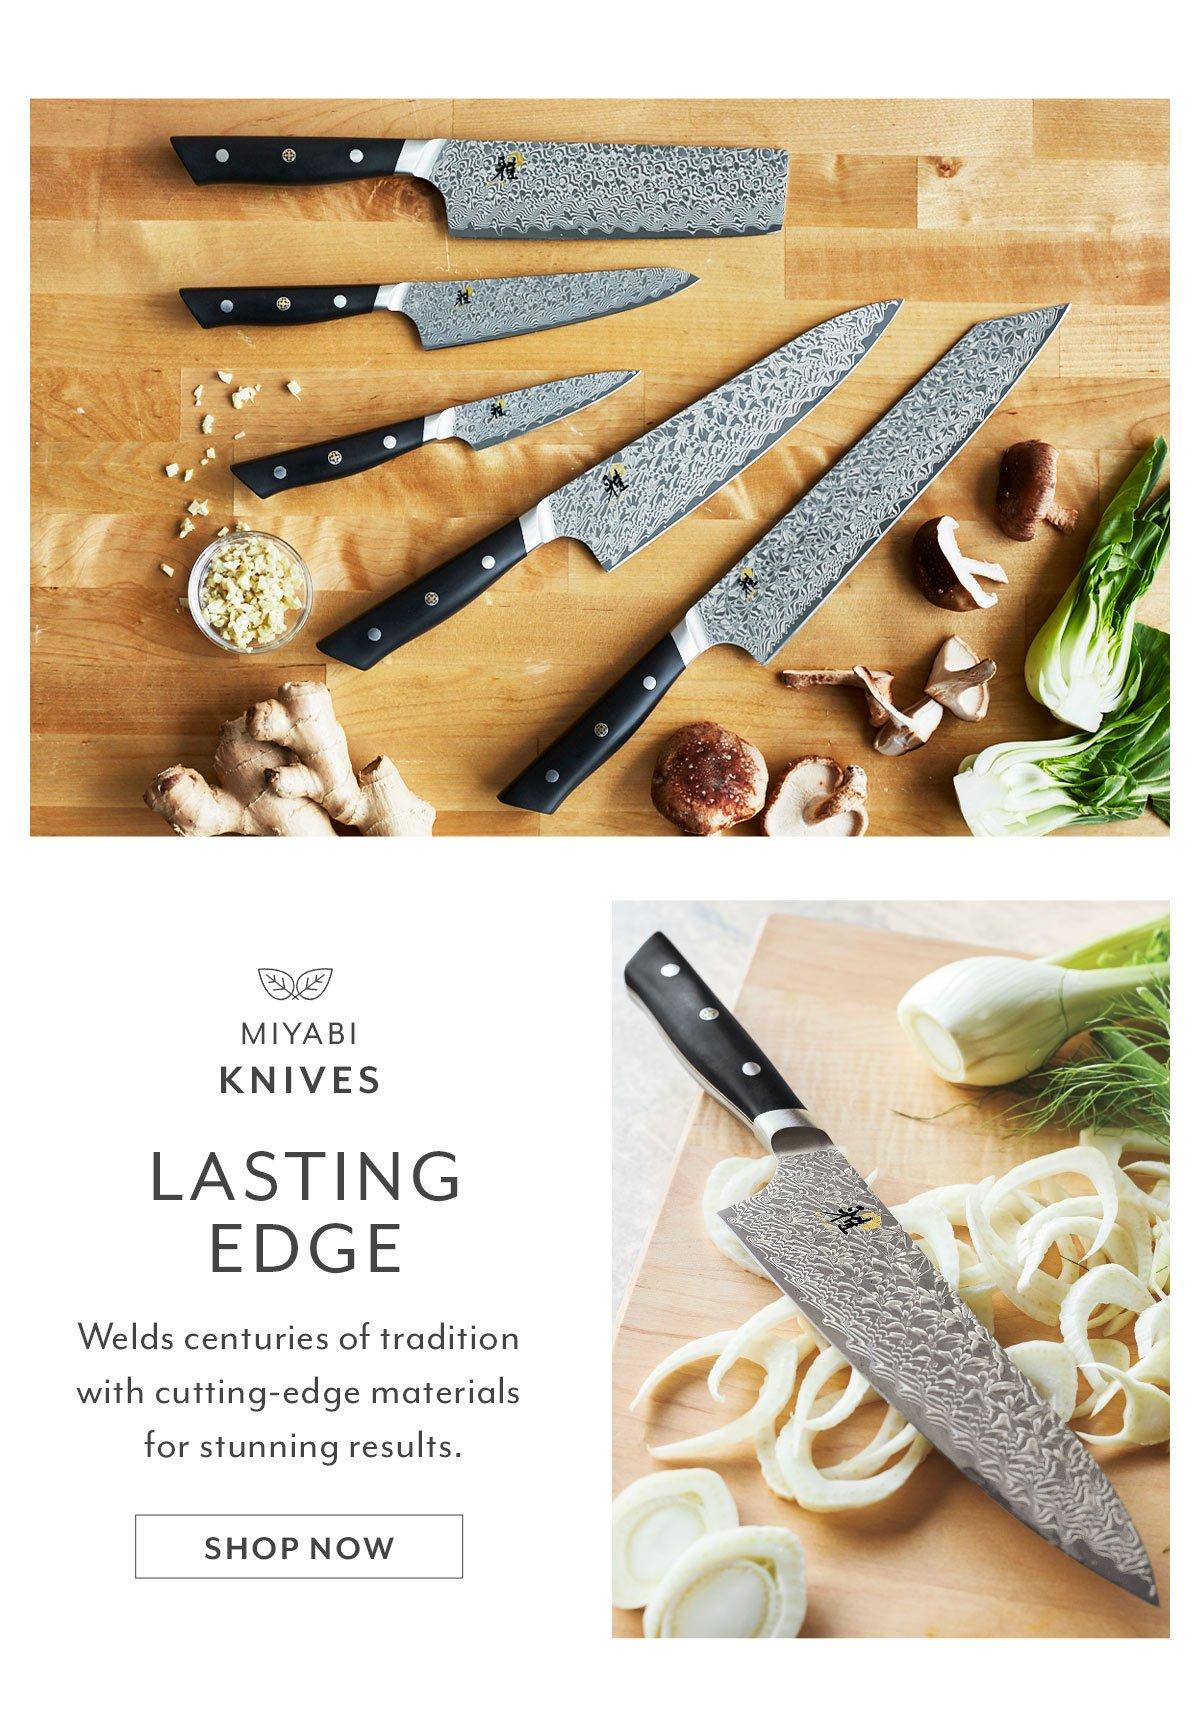 Miyabi Knives